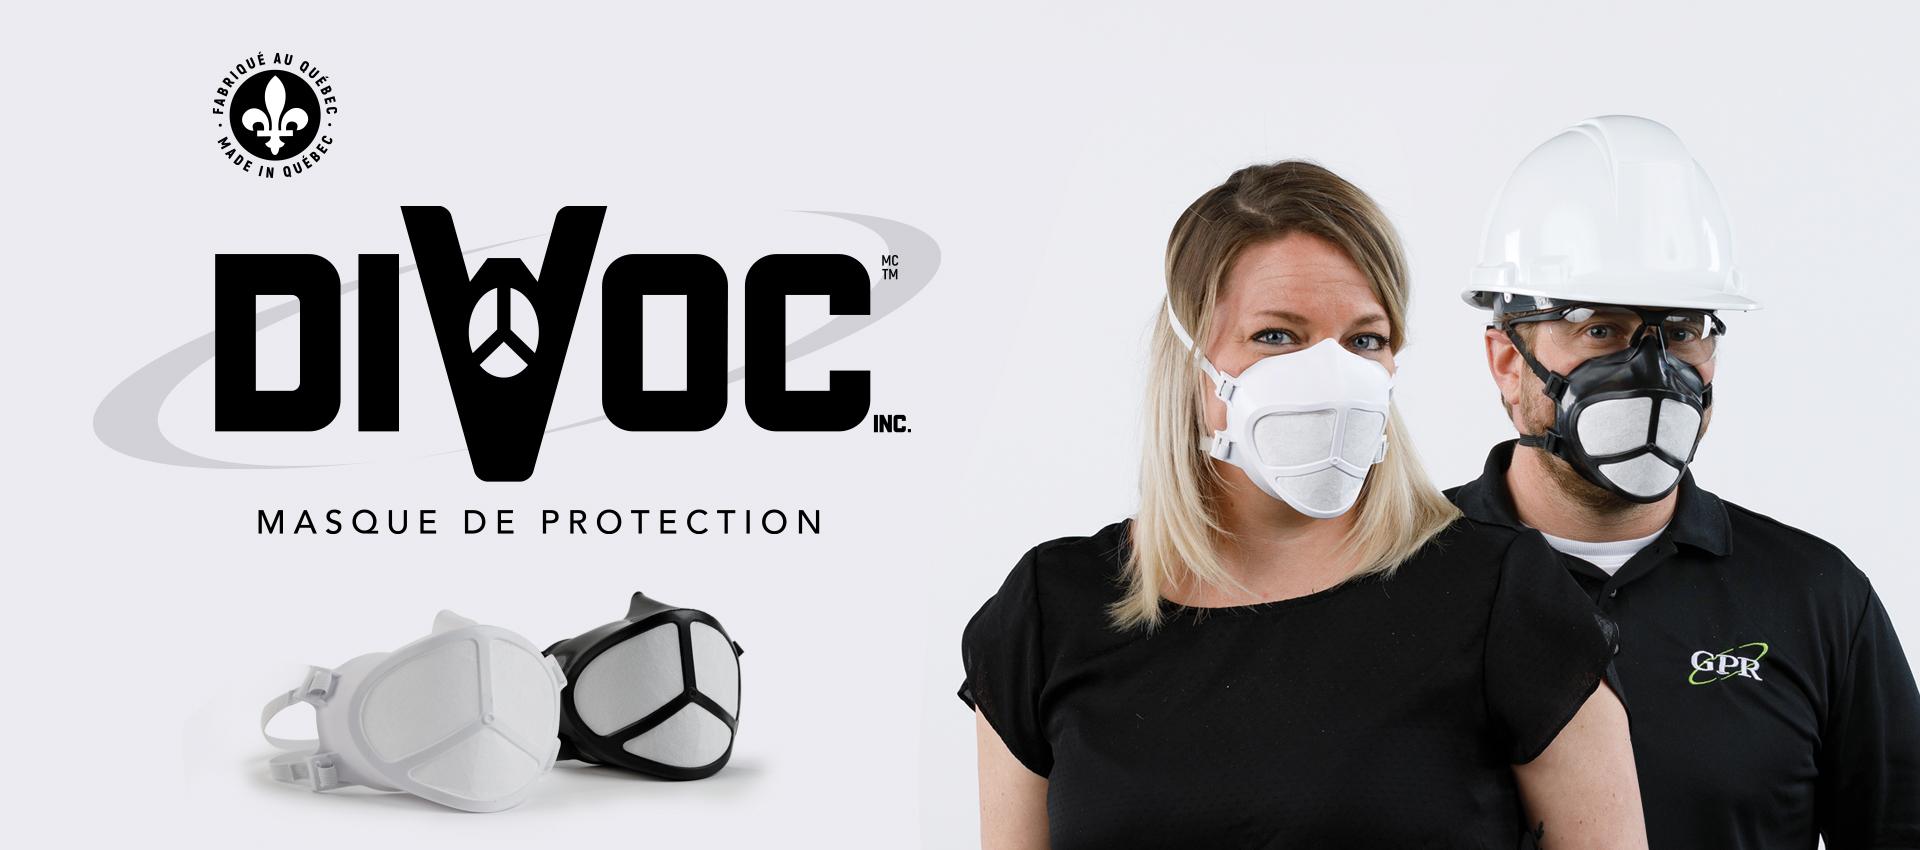 Plastiques-GPR-divoc-masque-logo-photo